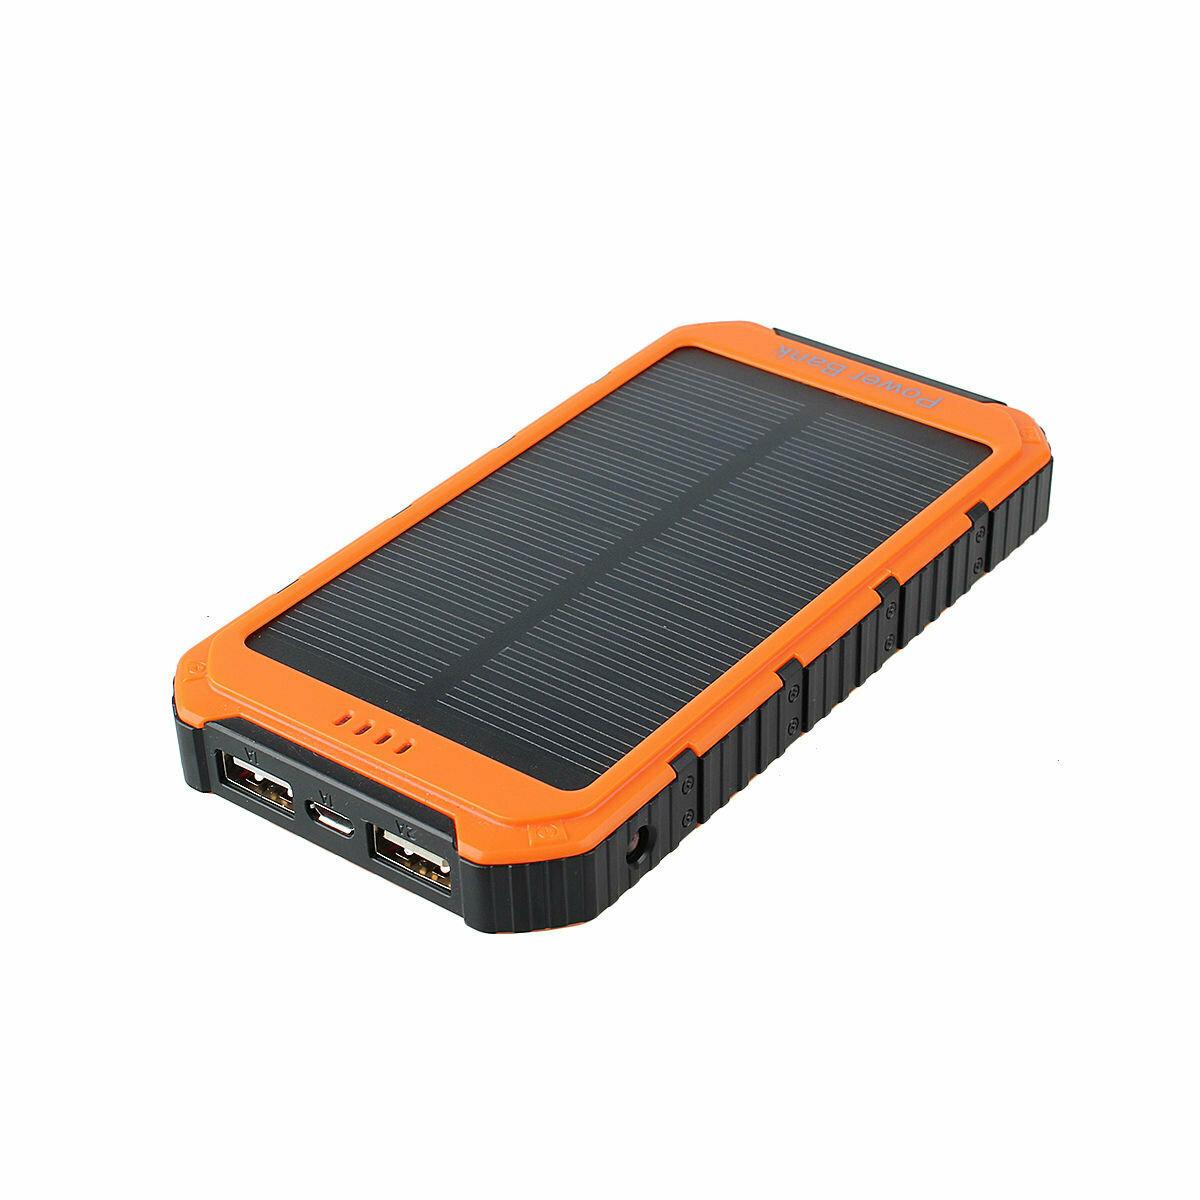 PowerBank Extreme на солнечных батареях в Находке